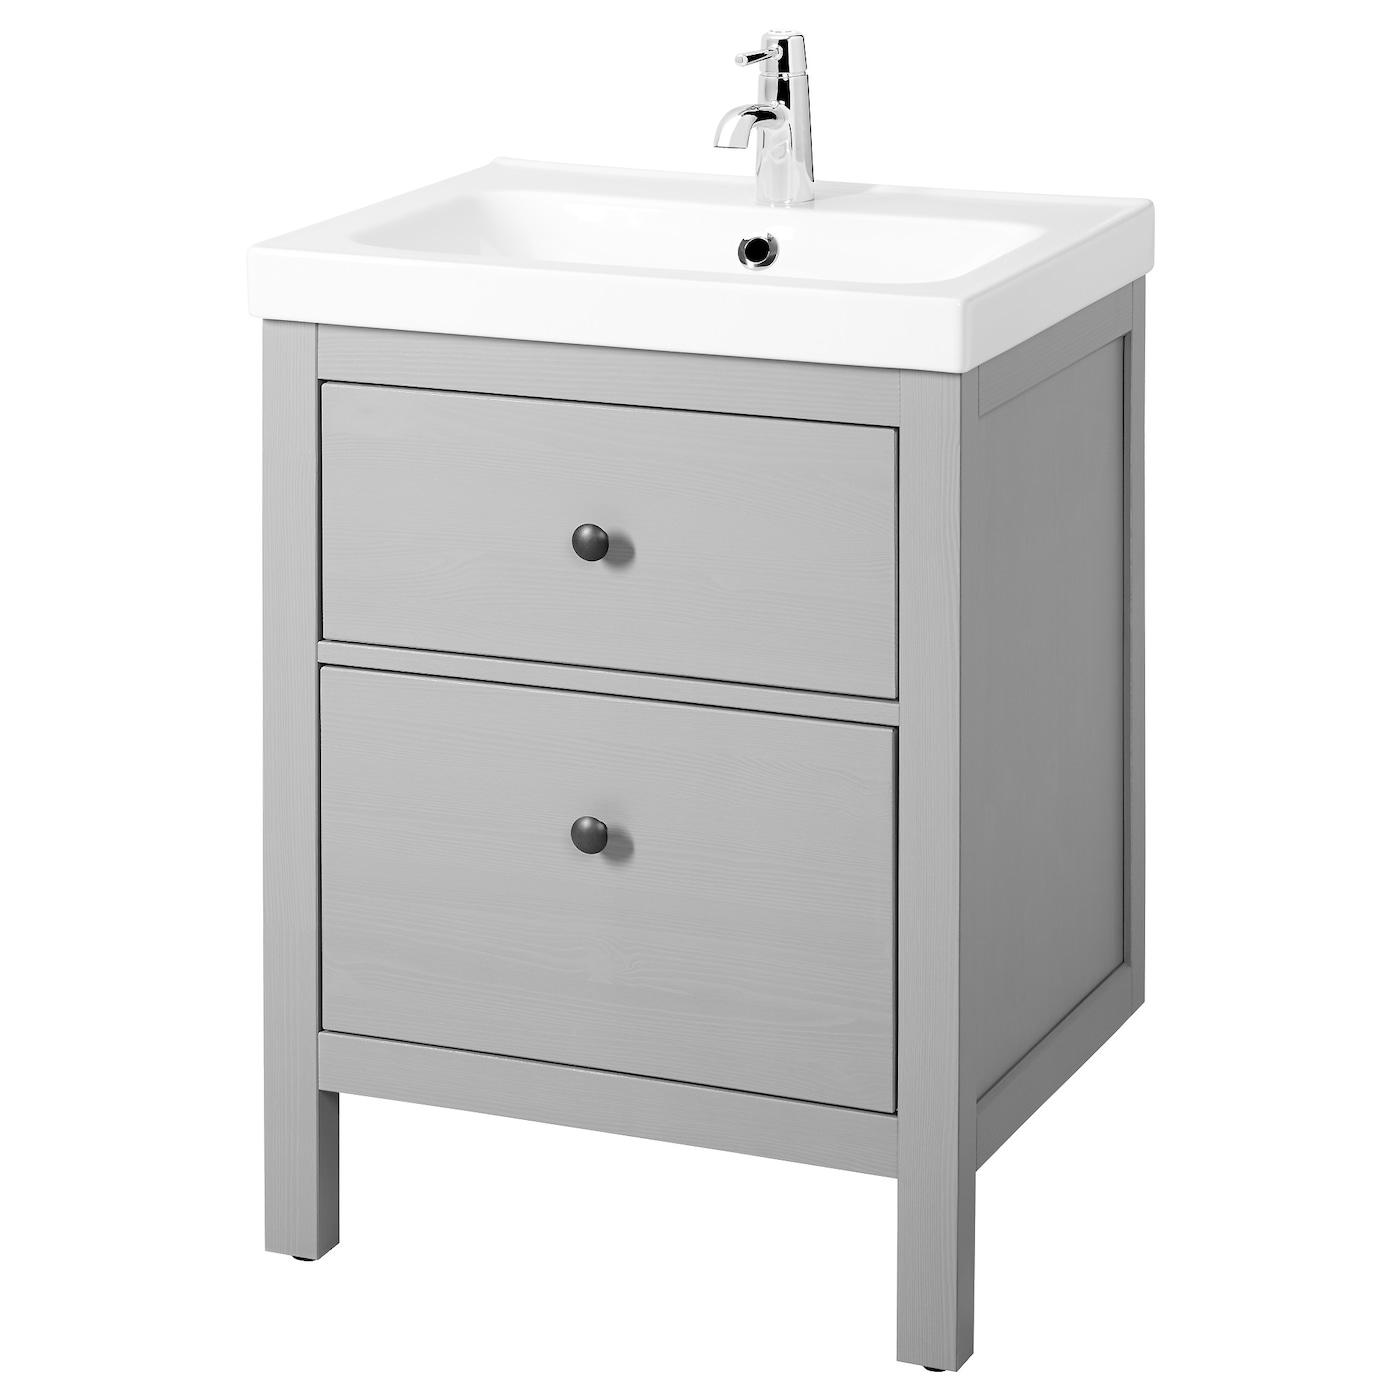 Hemnes Odensvik Bathroom Vanity